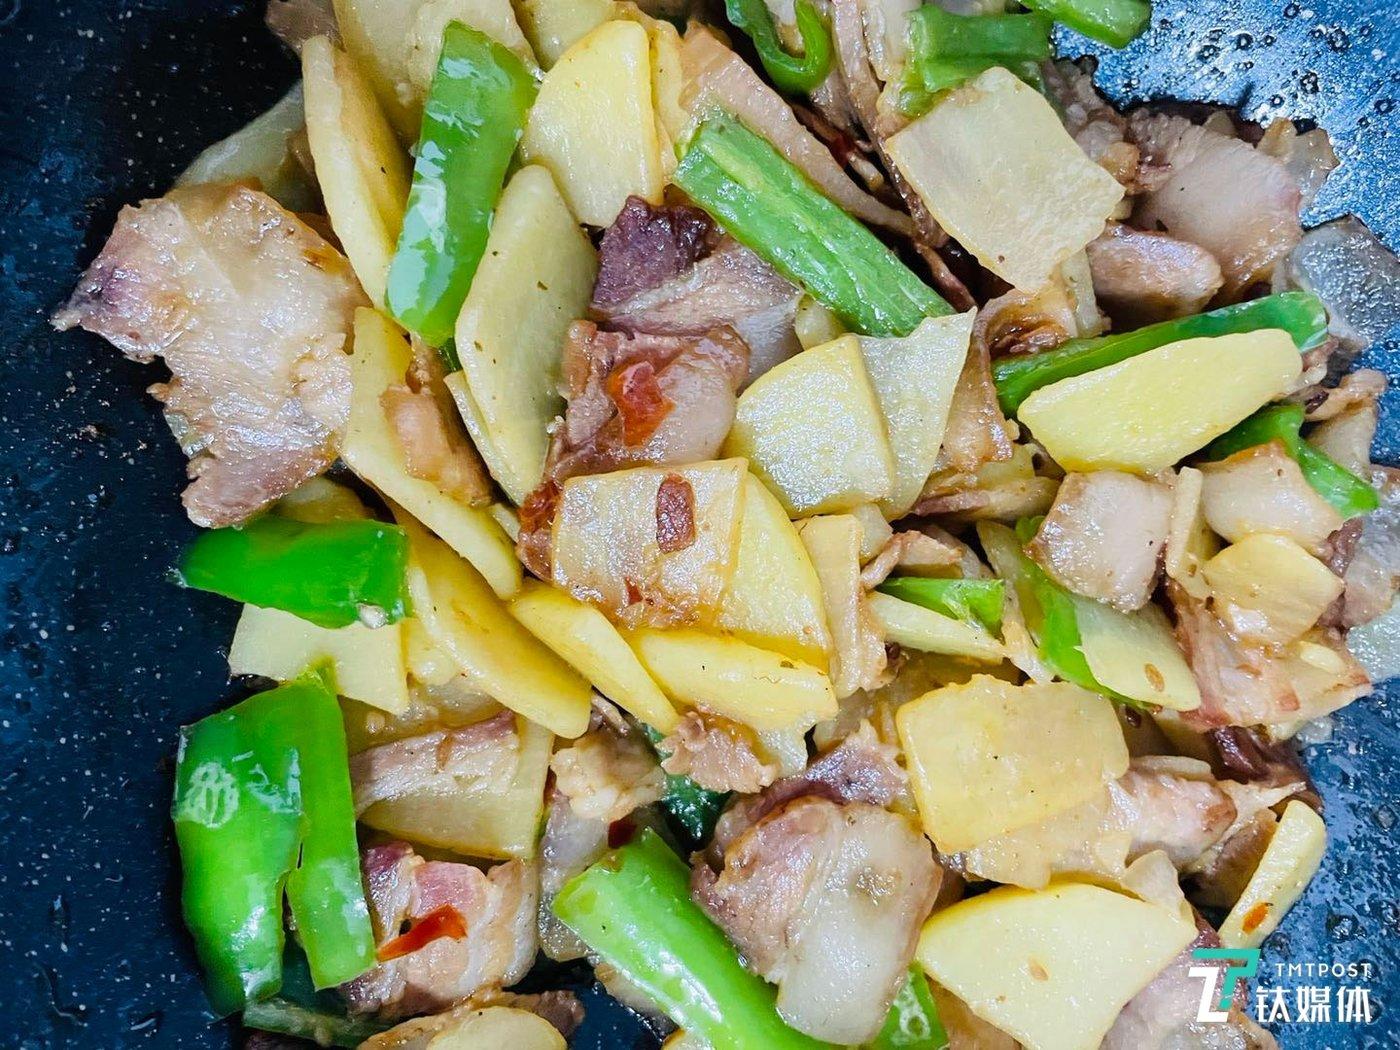 吴烦恼做的熏腊肉炒土豆片。(图/采访者供图)